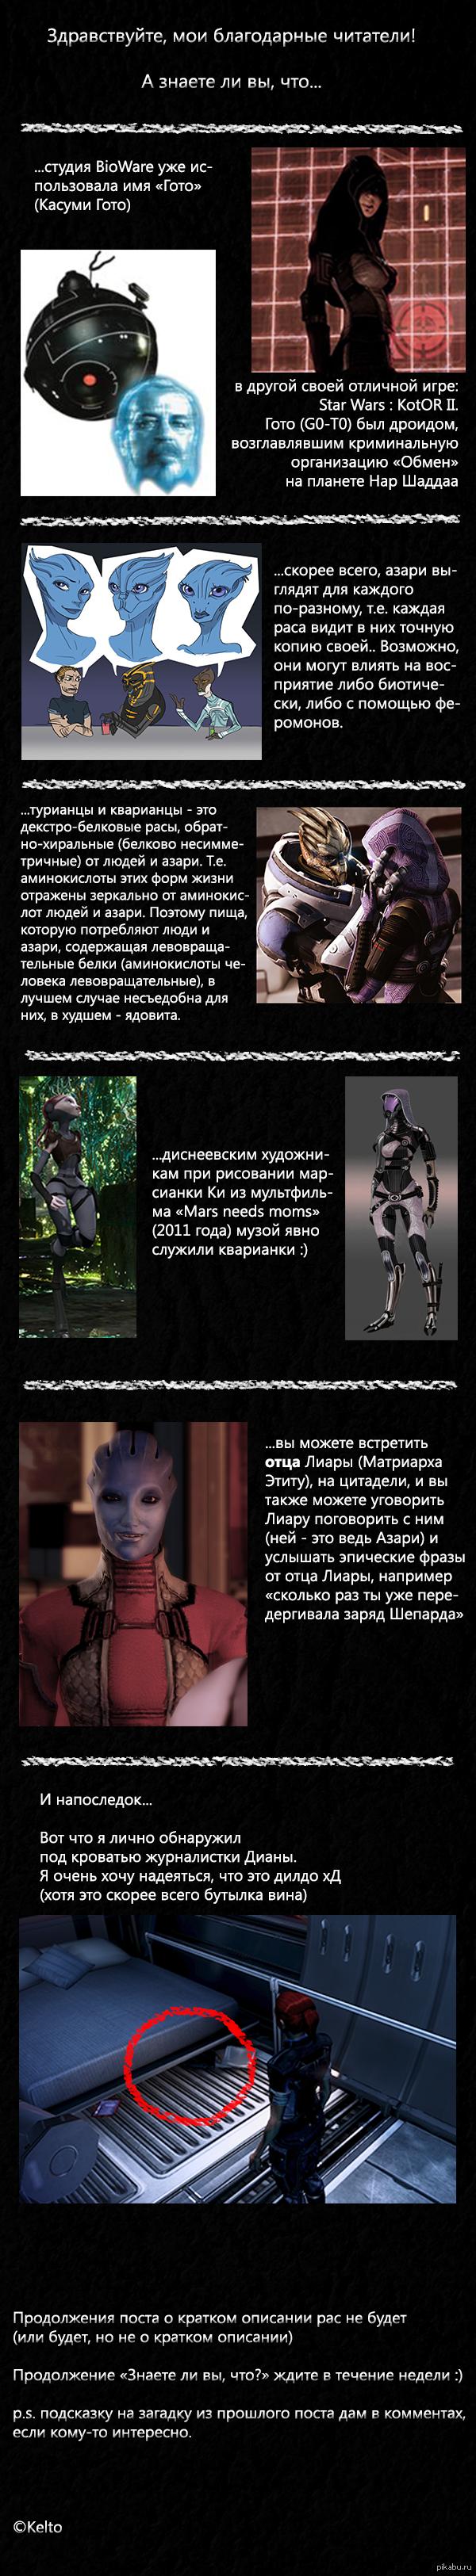 [Mass Effect] Знаете ли вы?... Часть 1. Несколько занимательных фактов о Масс Эффект :)